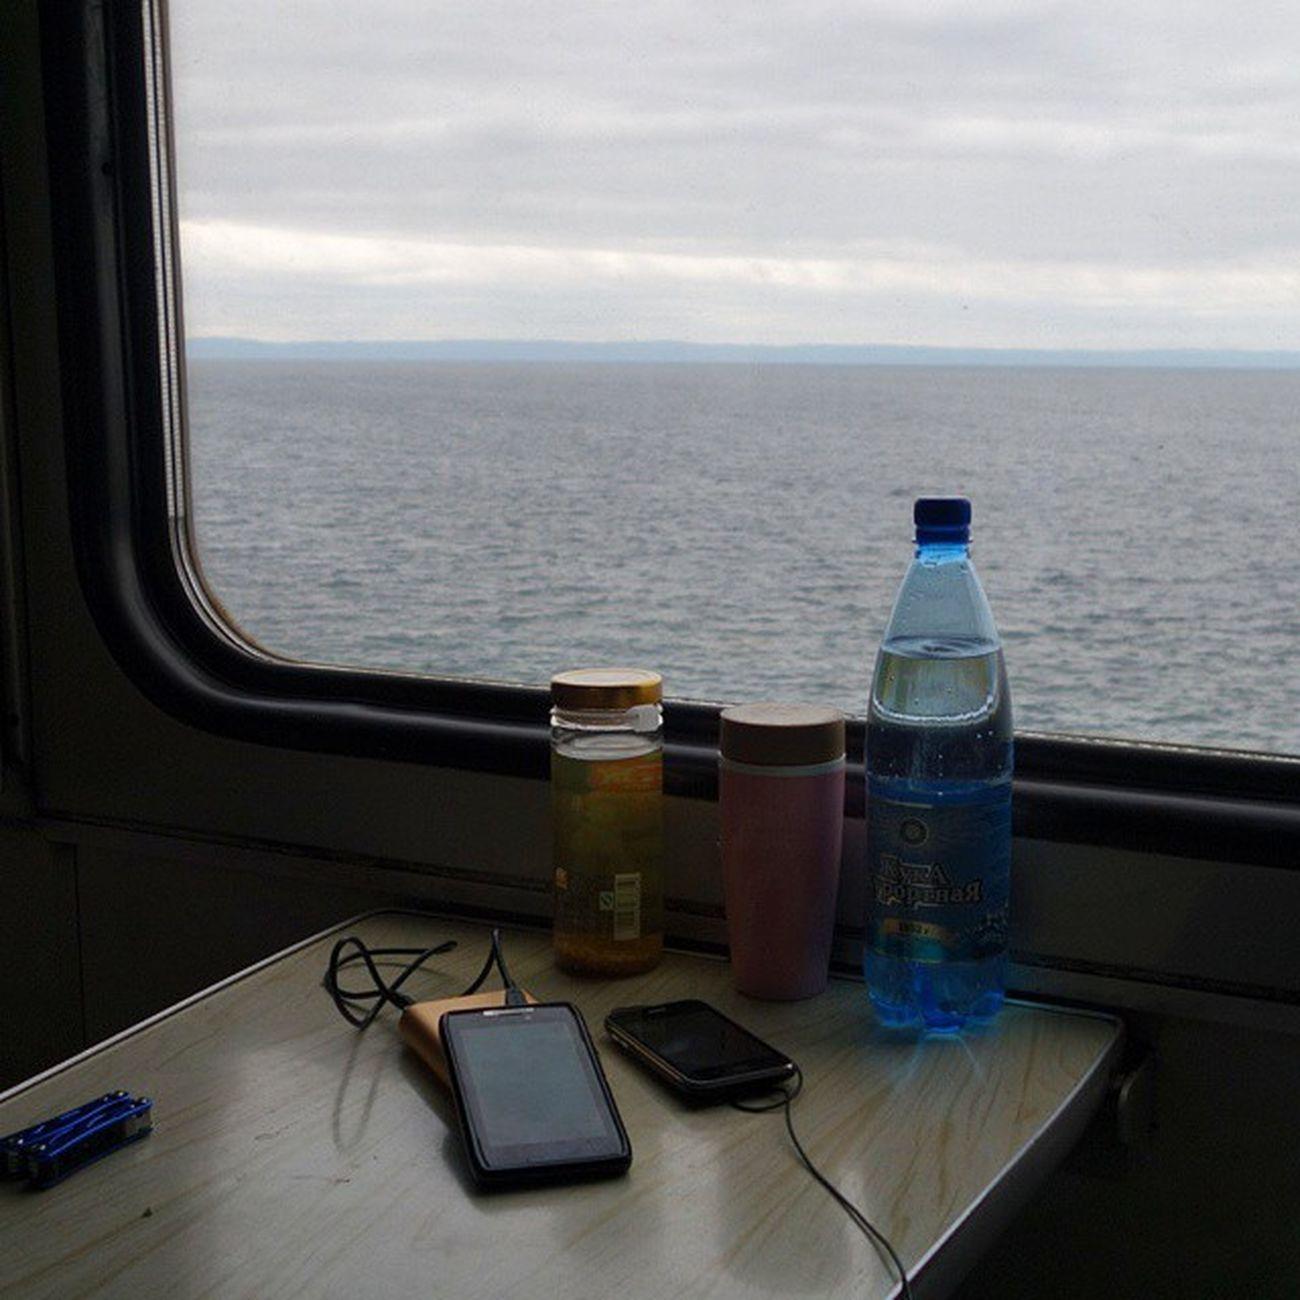 기차에서 한 숨 자고 일어나니 창 밖에 수평선이 펼쳐졌다. 바이칼 이다.